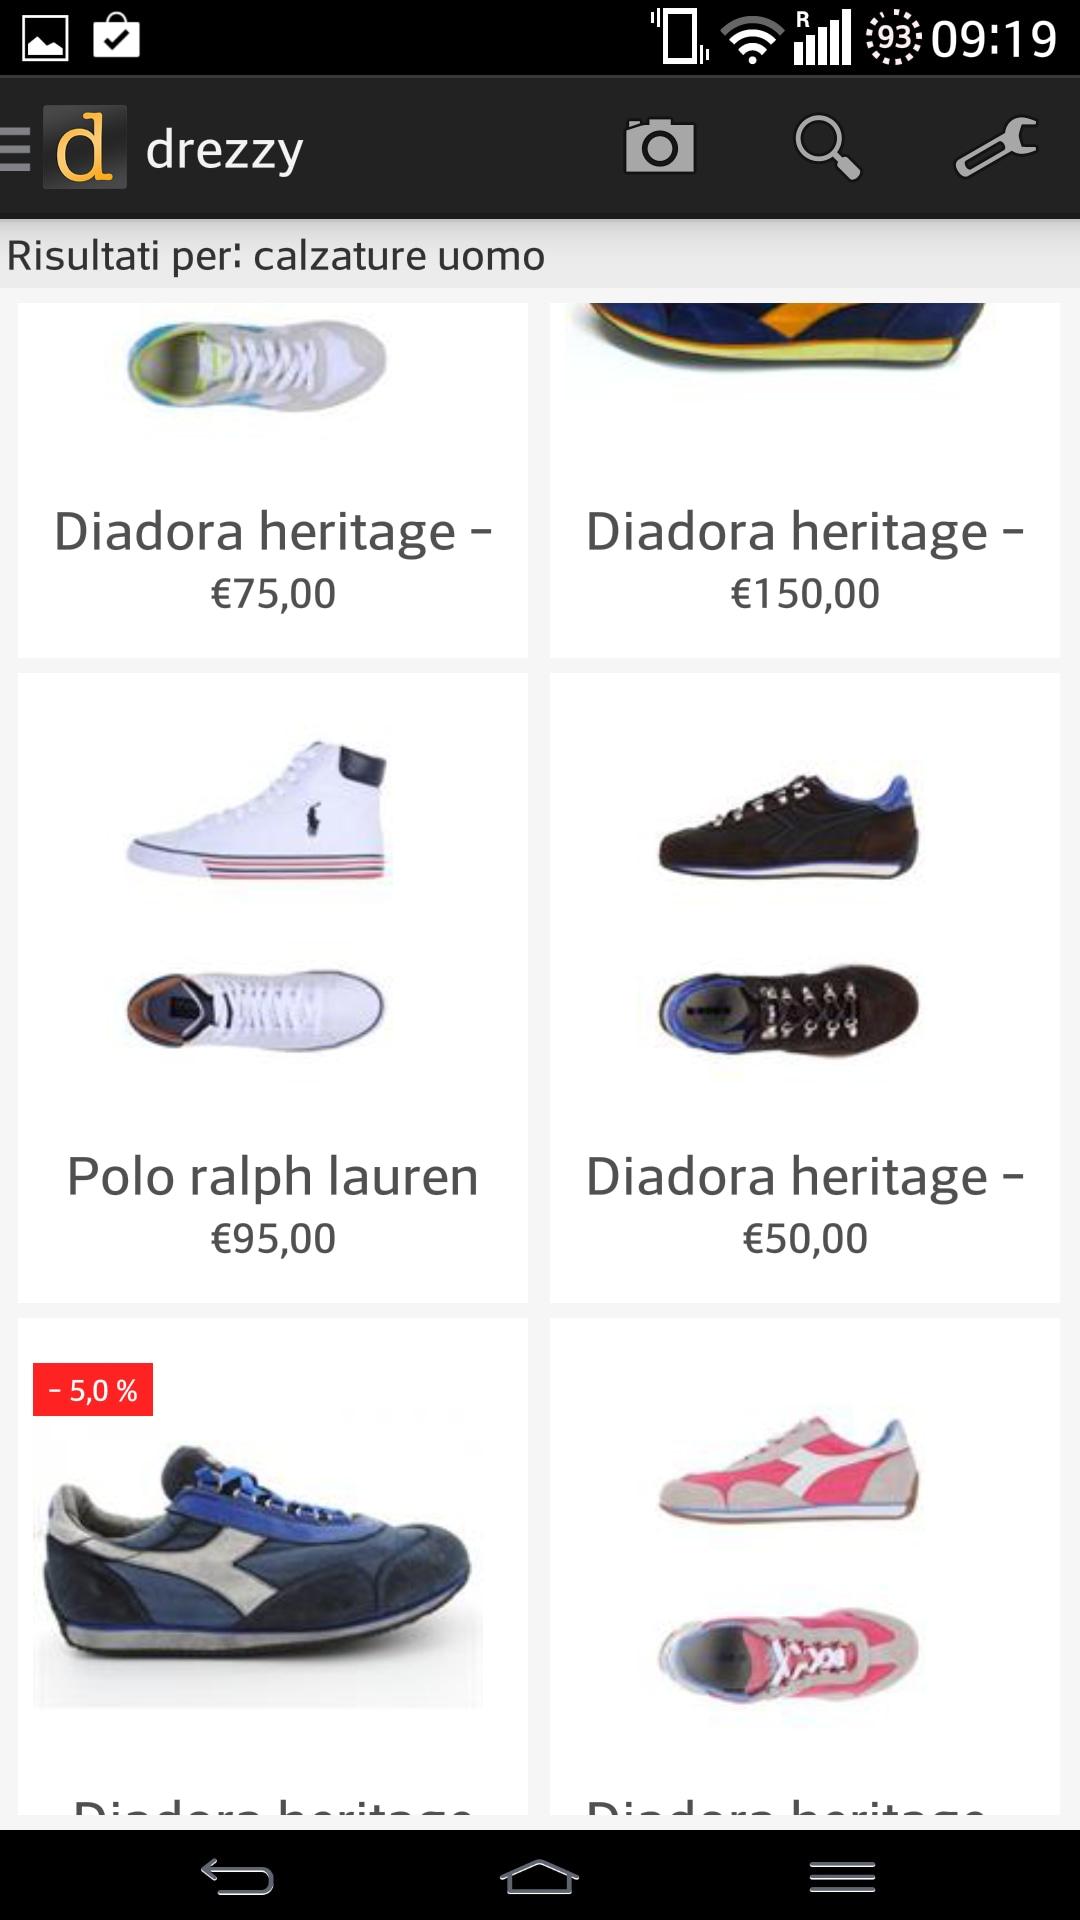 Drezzy, l'app per acquistare su tutti i negozi di moda